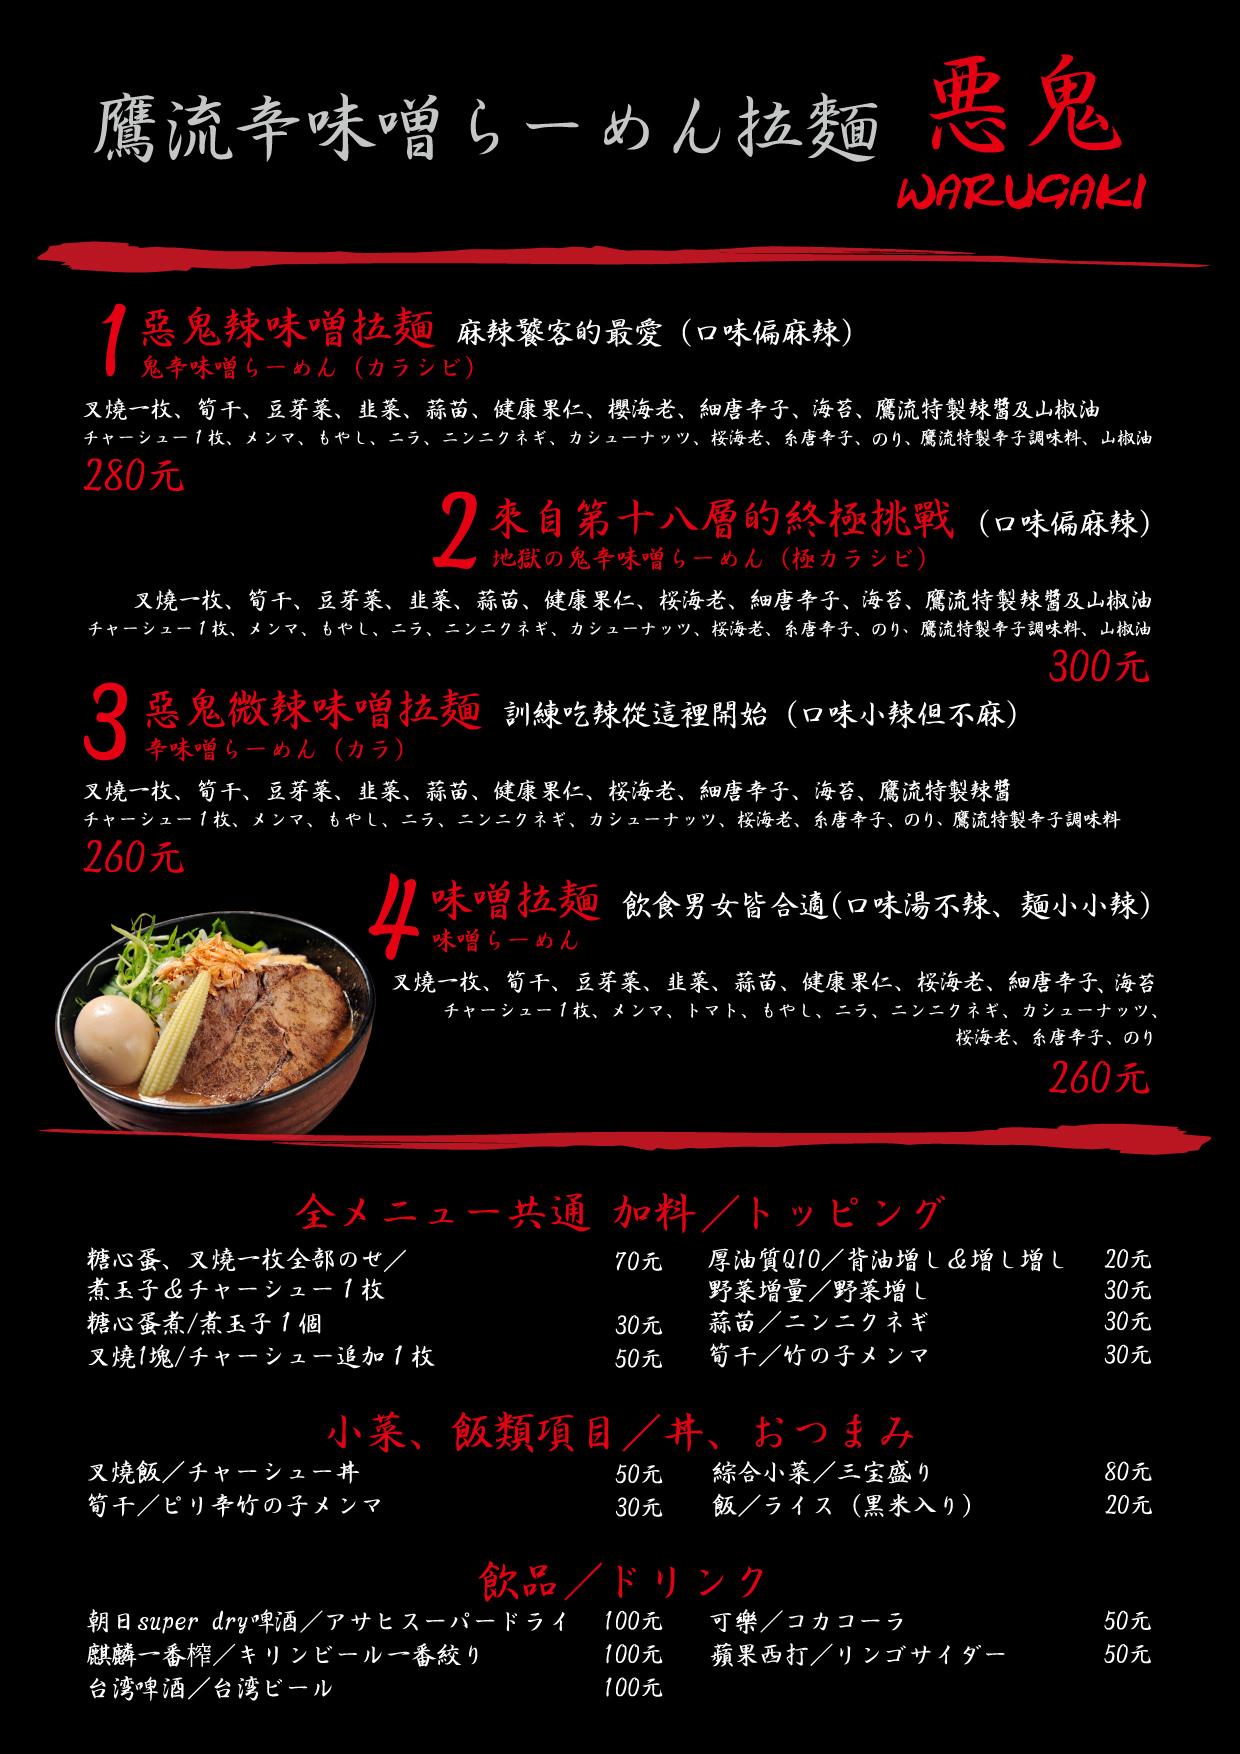 惡鬼menu(o)-01.jpg